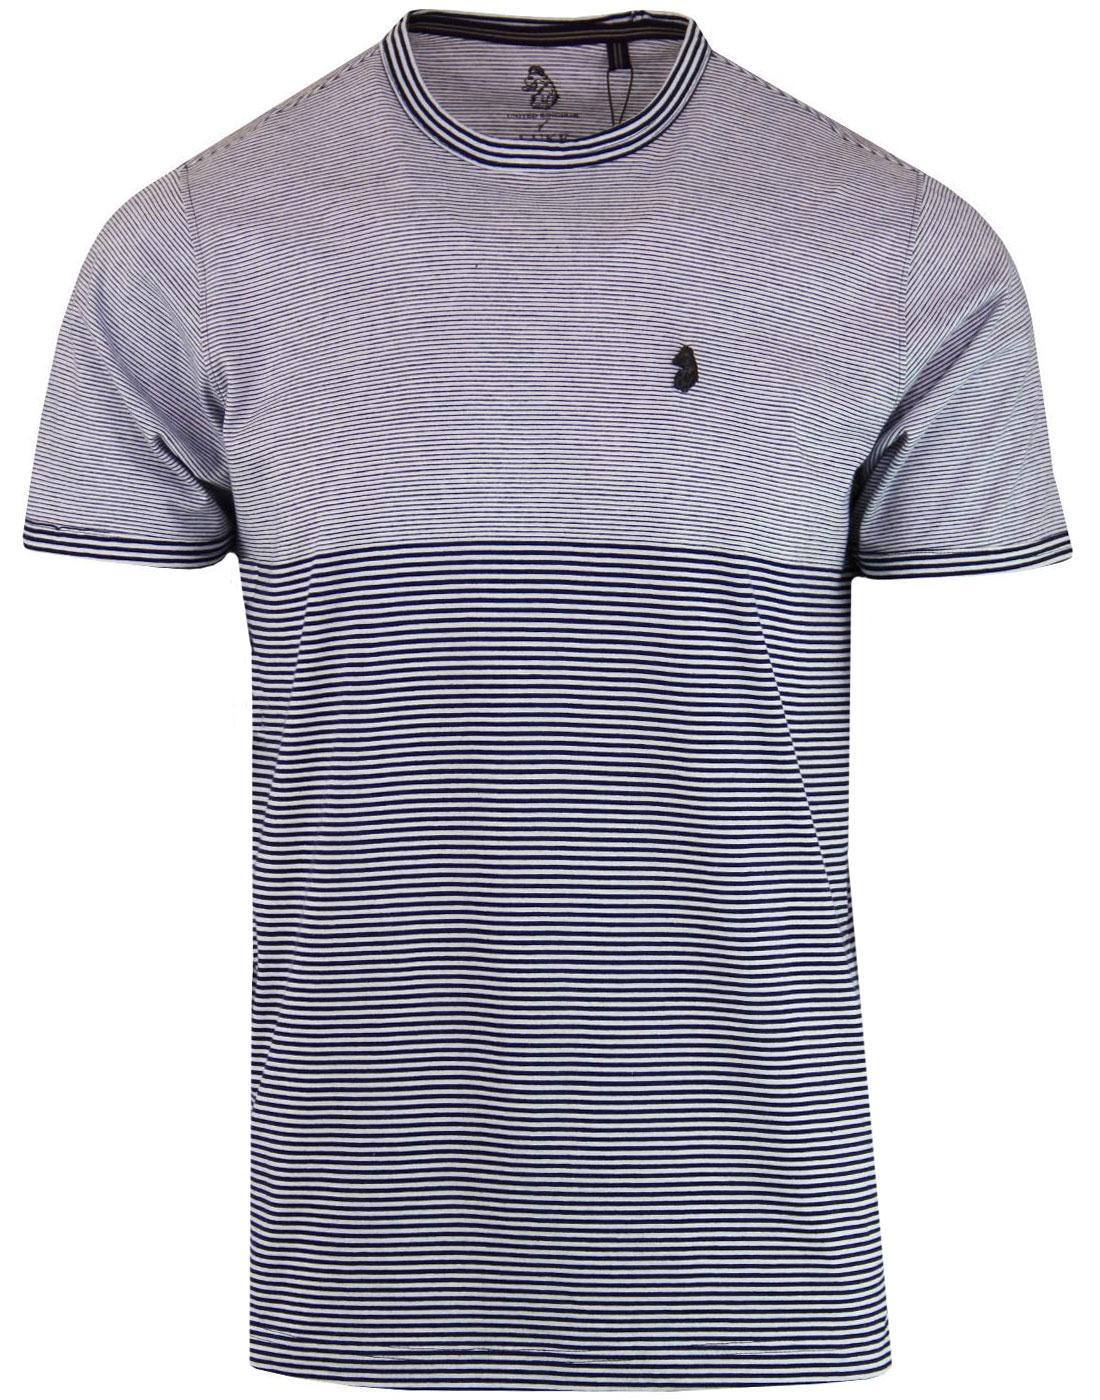 FSSS LUKE Men's Retro Engineered Stripe T-Shirt